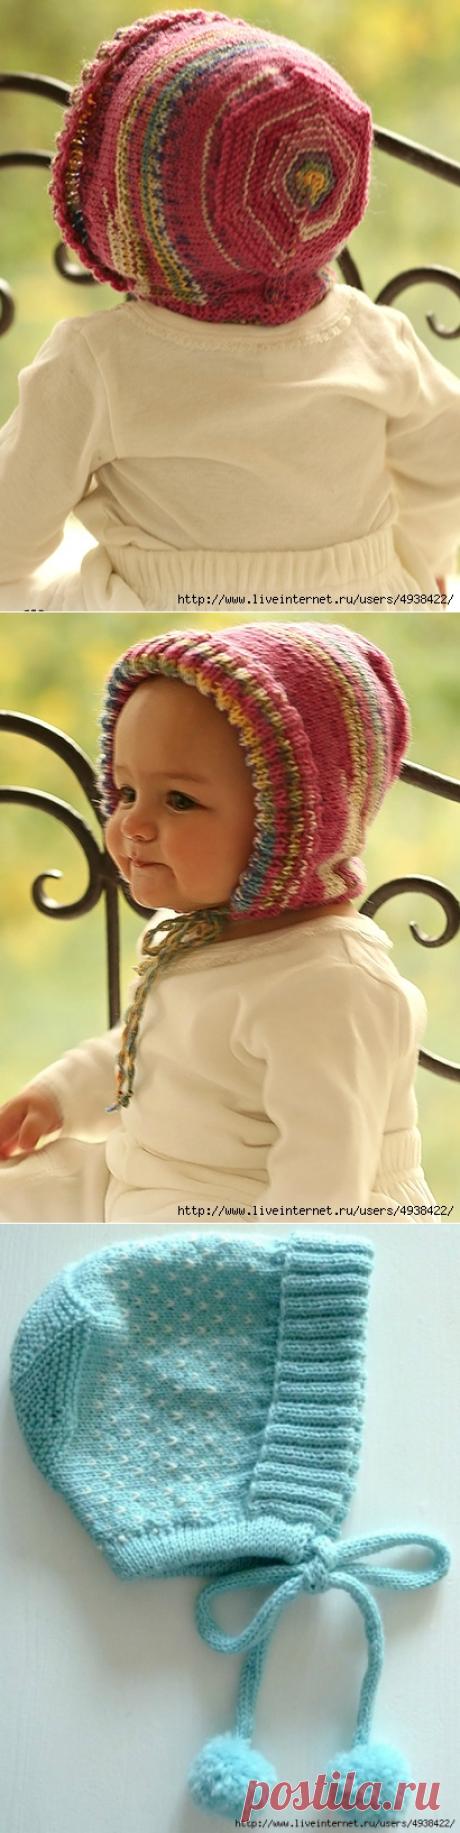 Очаровательный чепчик спицами из тонкой шерстяной пряжи. Little Miss by DROPS design.